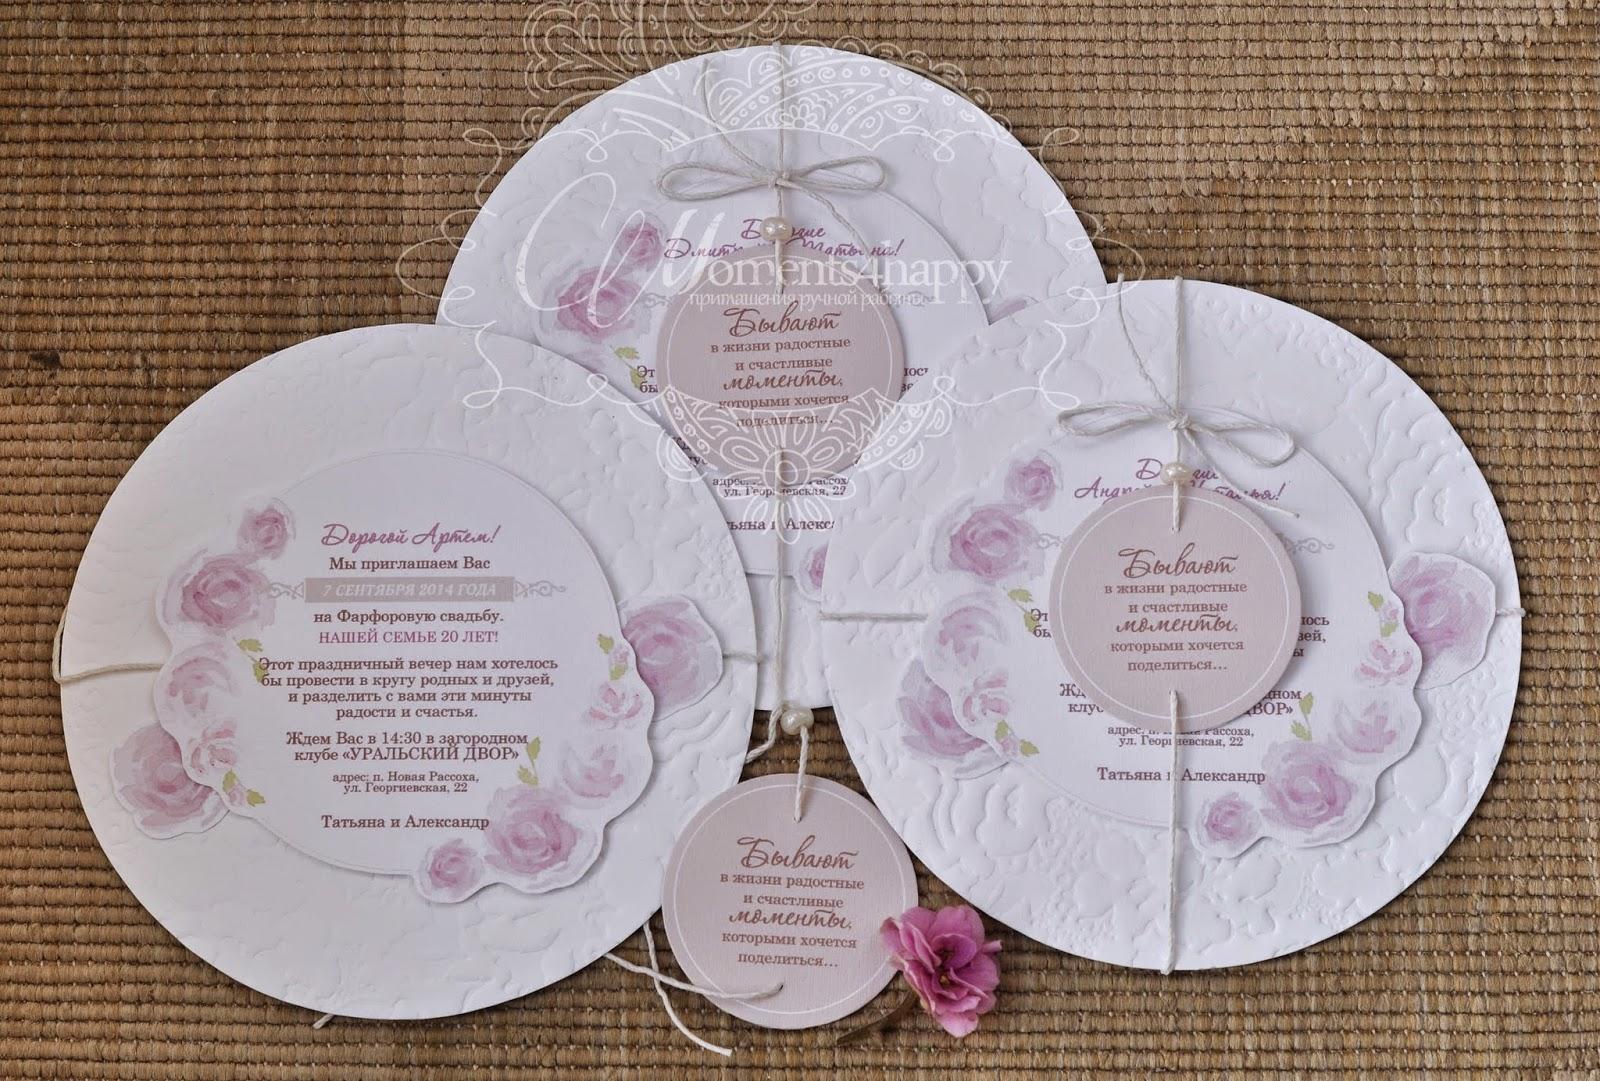 Поздравления на фарфоровую свадьбу от дочки